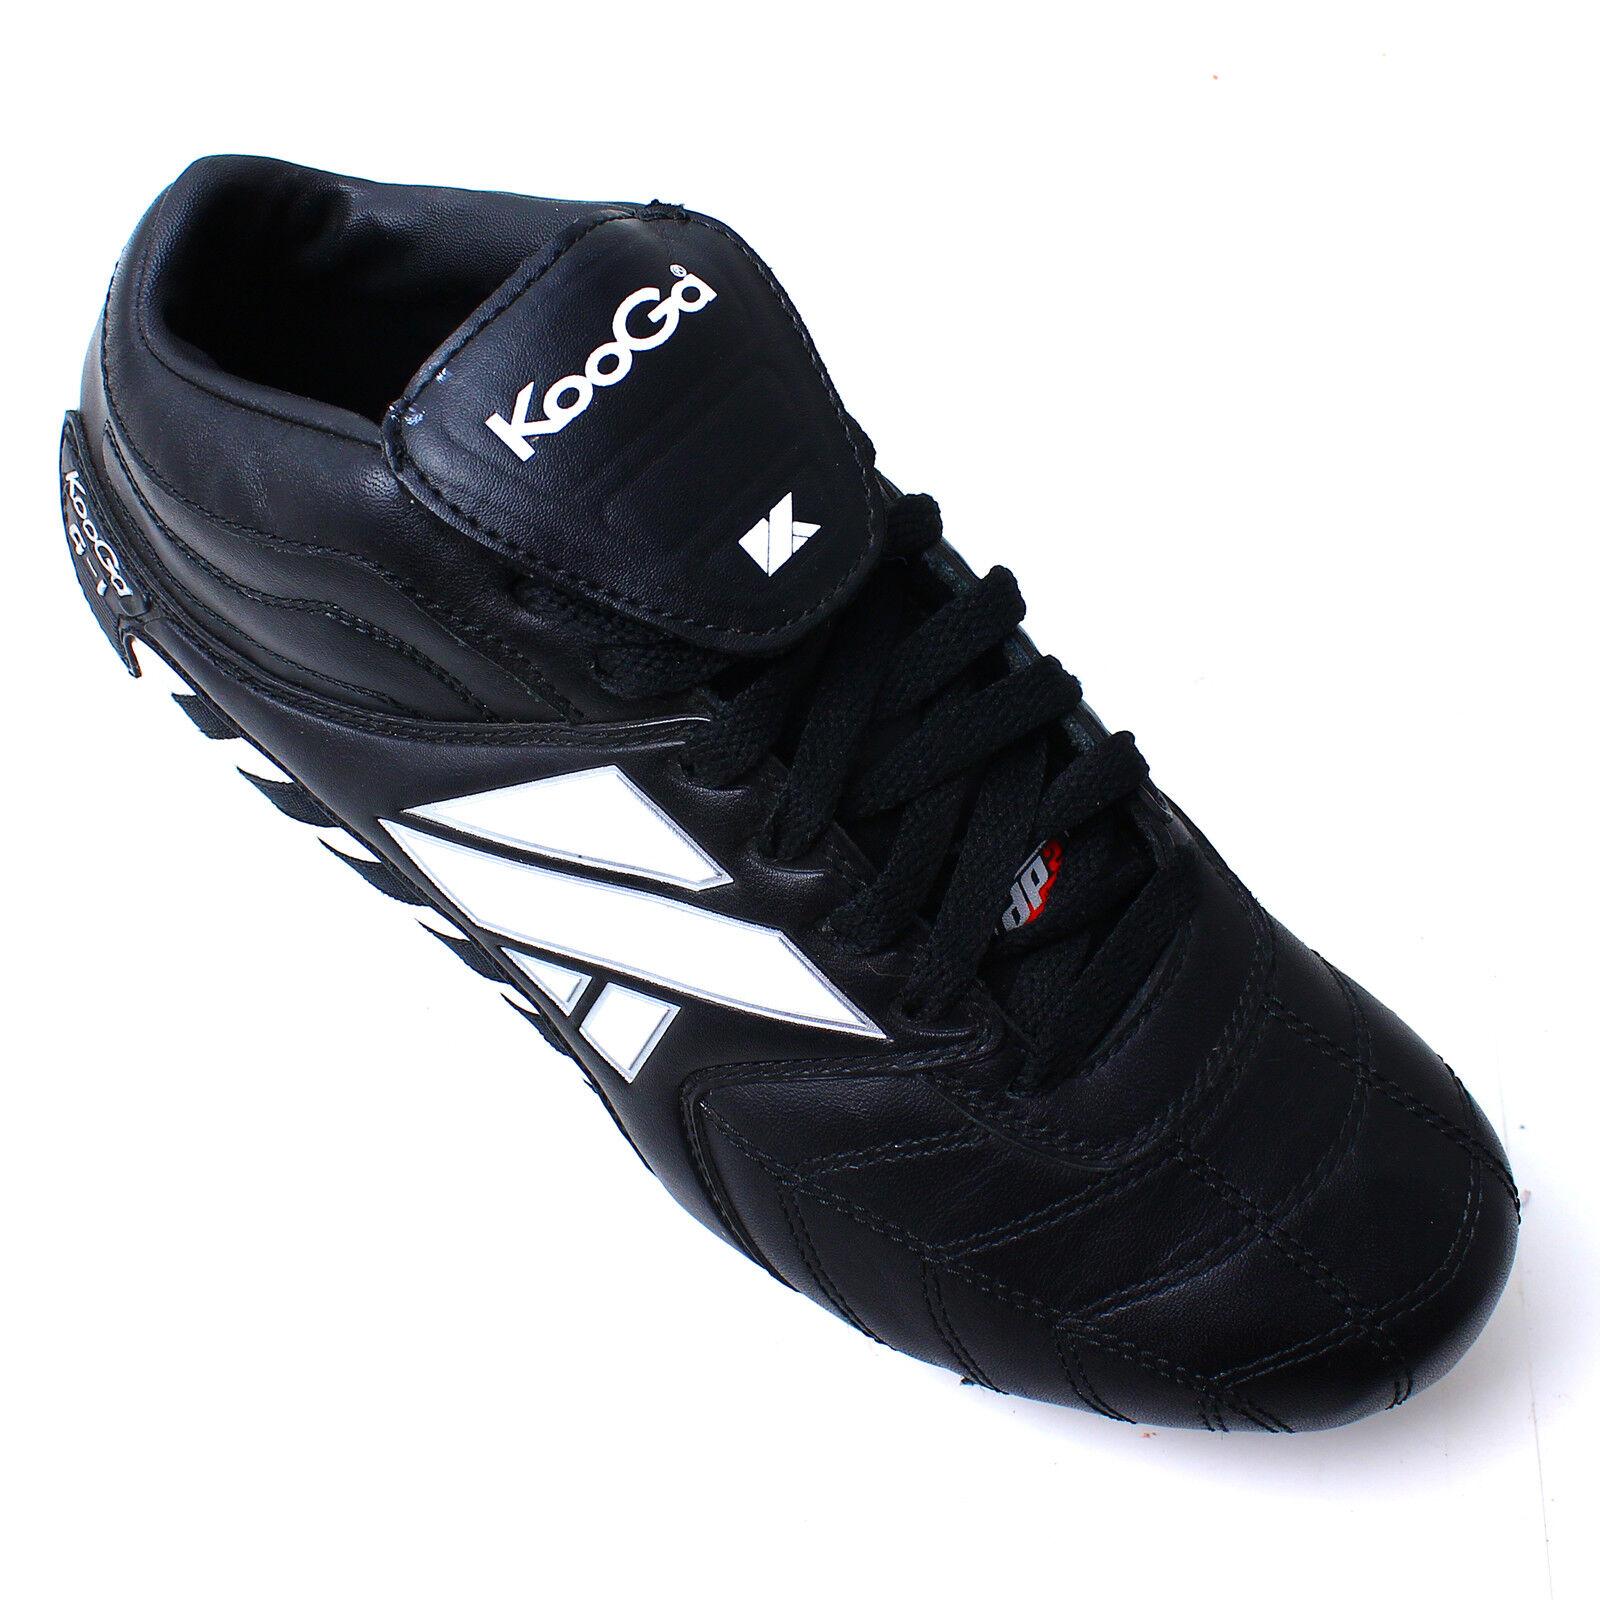 Kooga Trainers Herren Spitze Spitze Spitze G1 SF8 Techno Platte Stiefel Sport 30608 UK Größe 8     | Neuheit  | Mode-Muster  | Elegantes Aussehen  b572ab